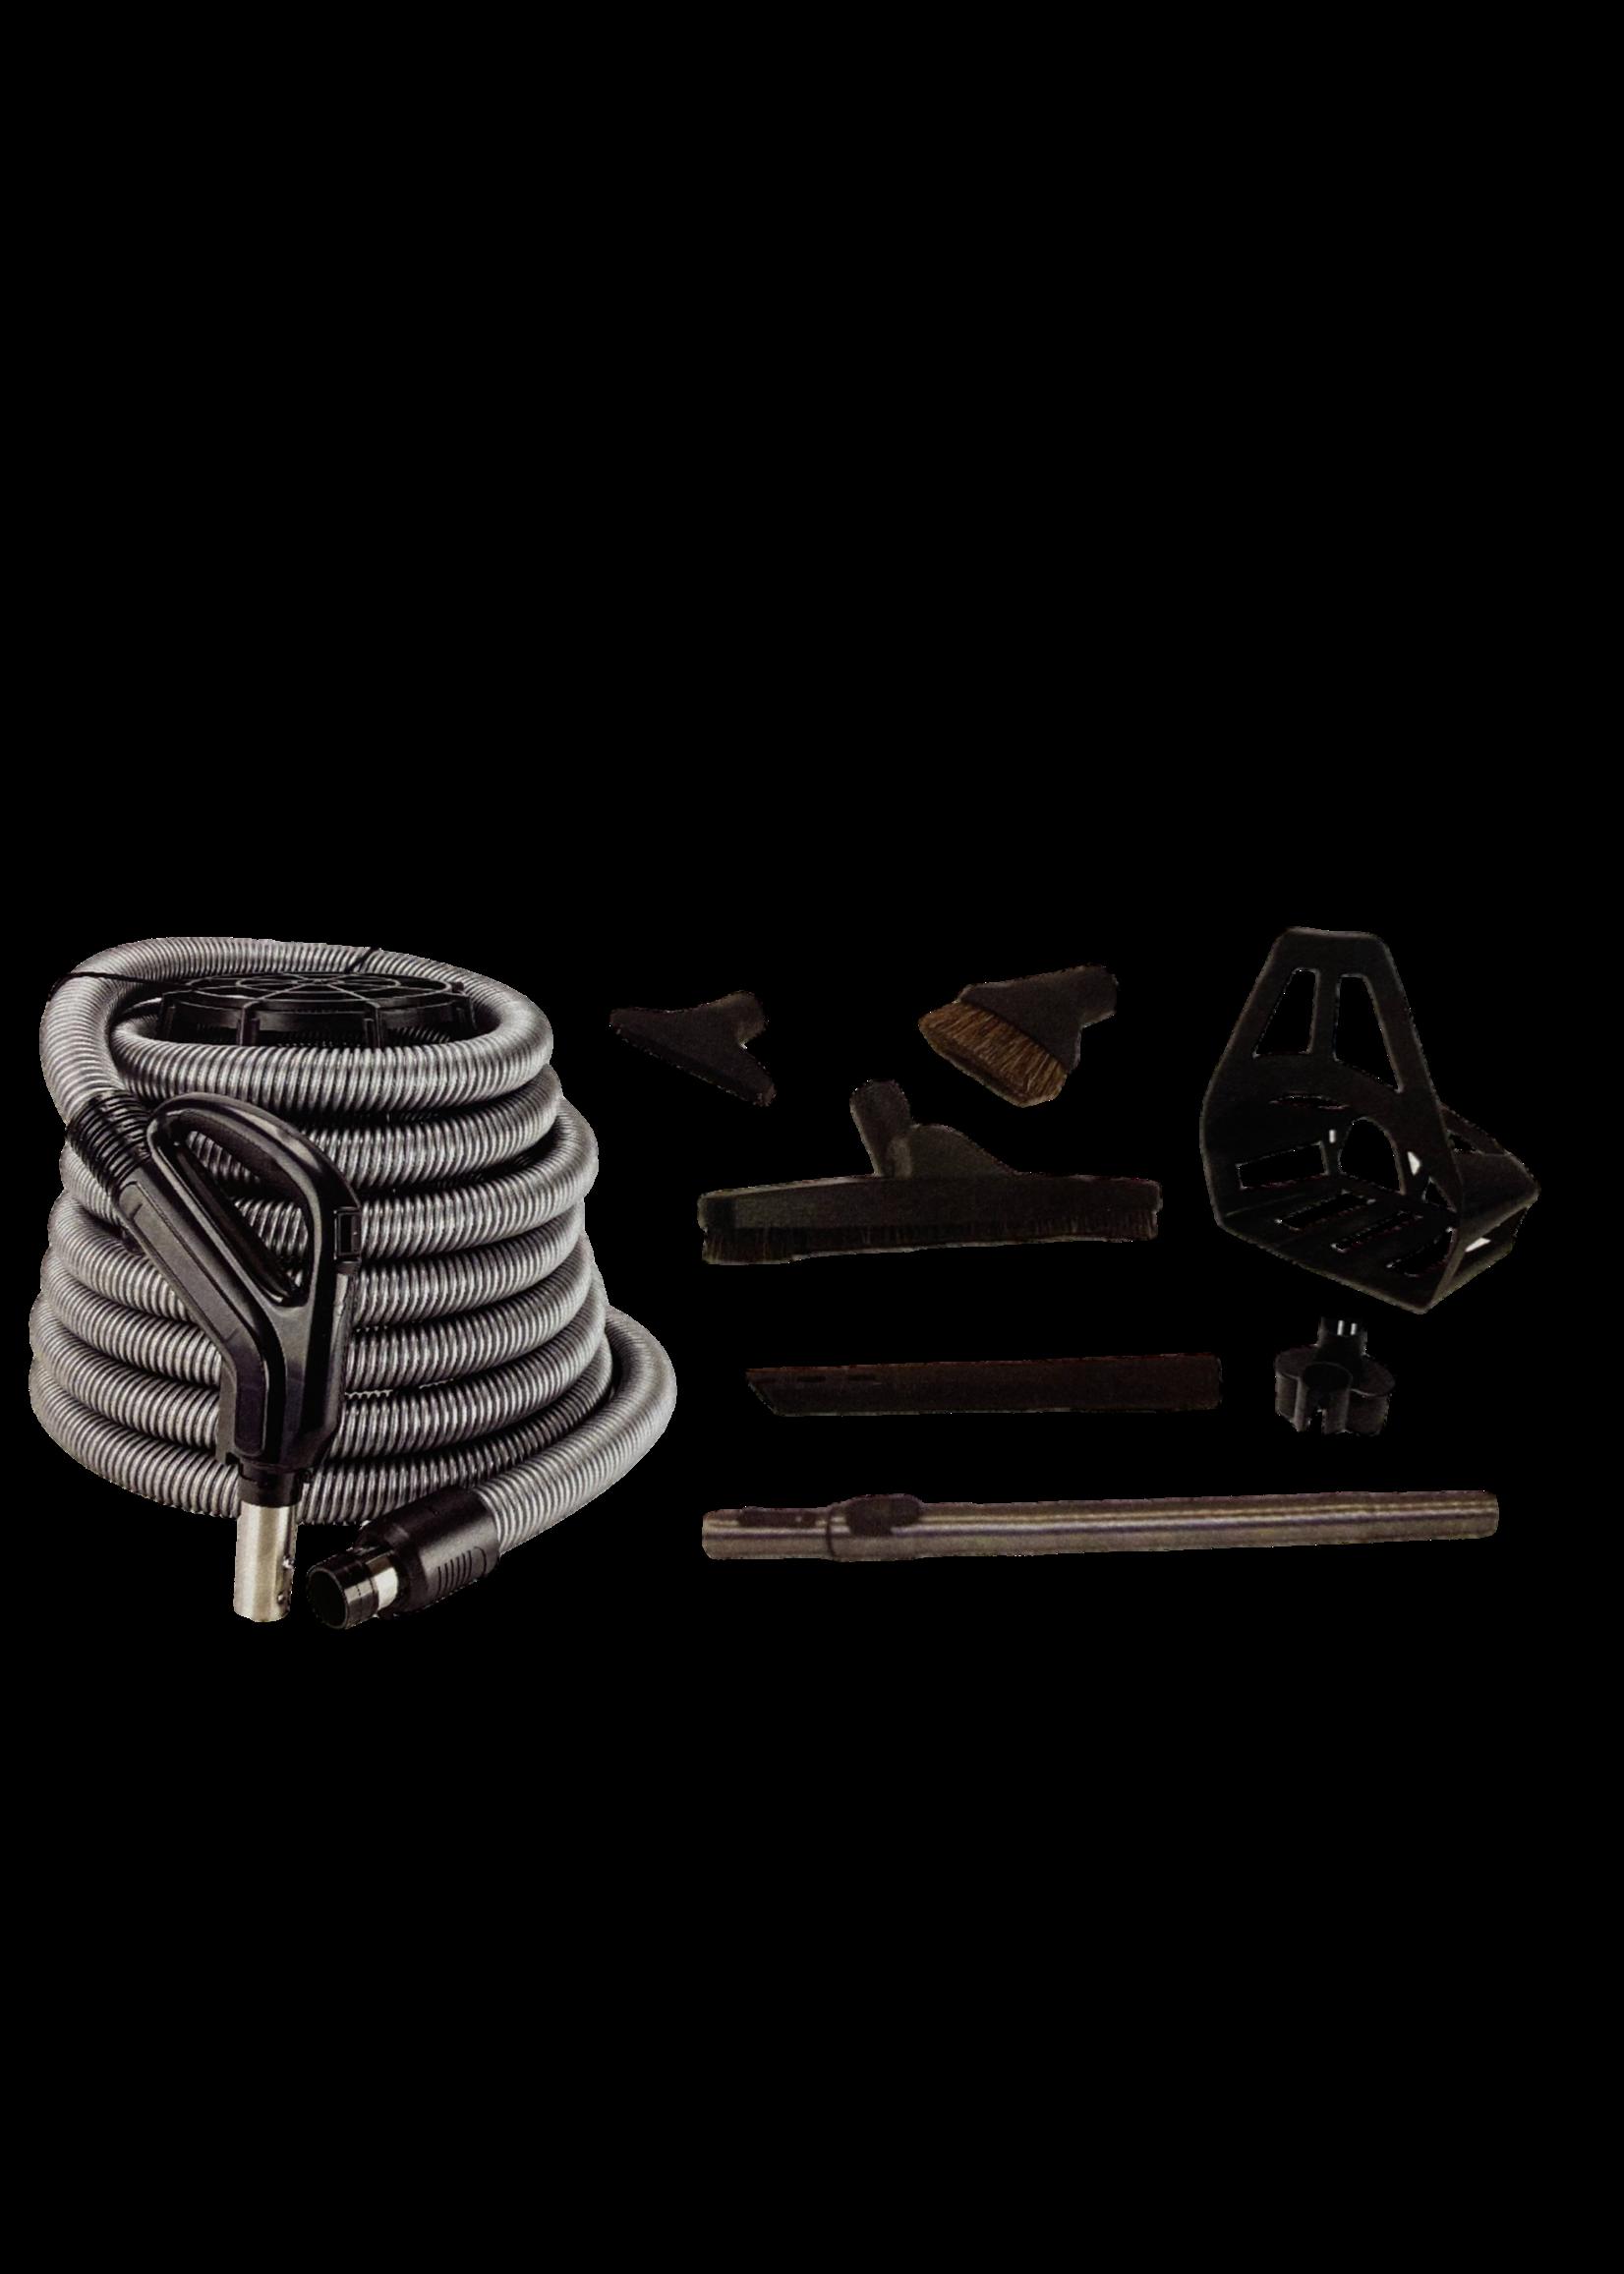 Cana-Vac CanaVac - Low Voltage Kit 35'